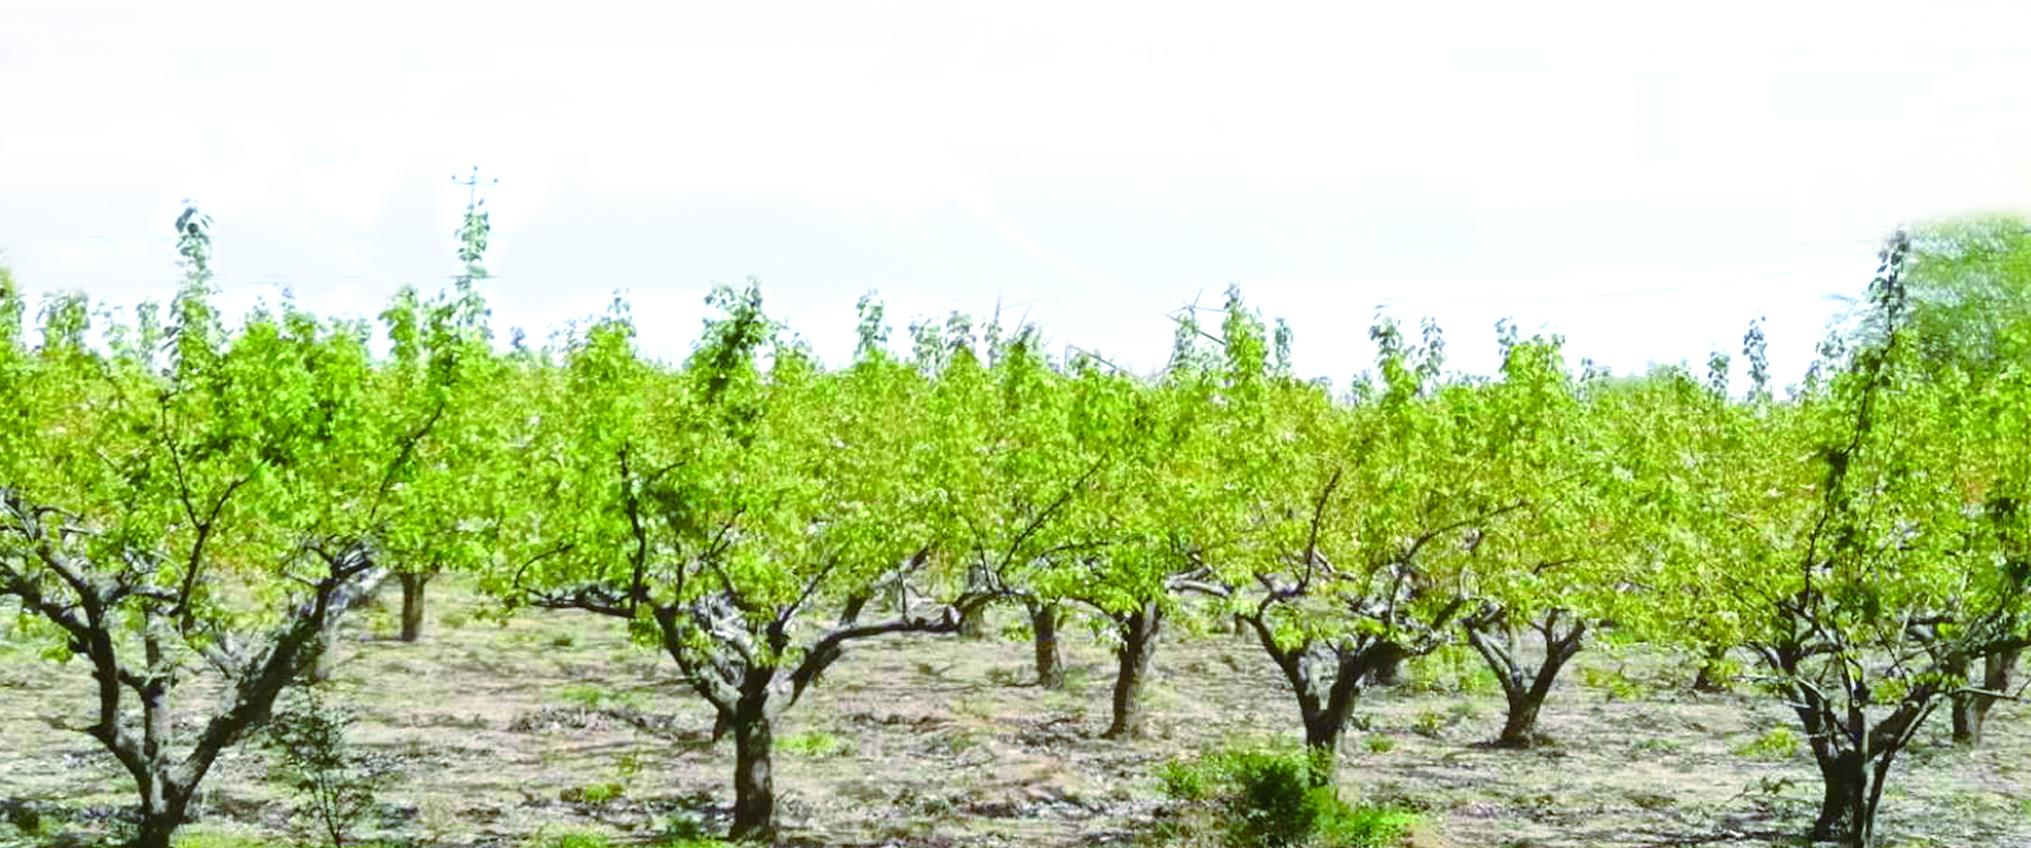 紧抓春季植树造林 饶阳县深入推进省级森林城市创建